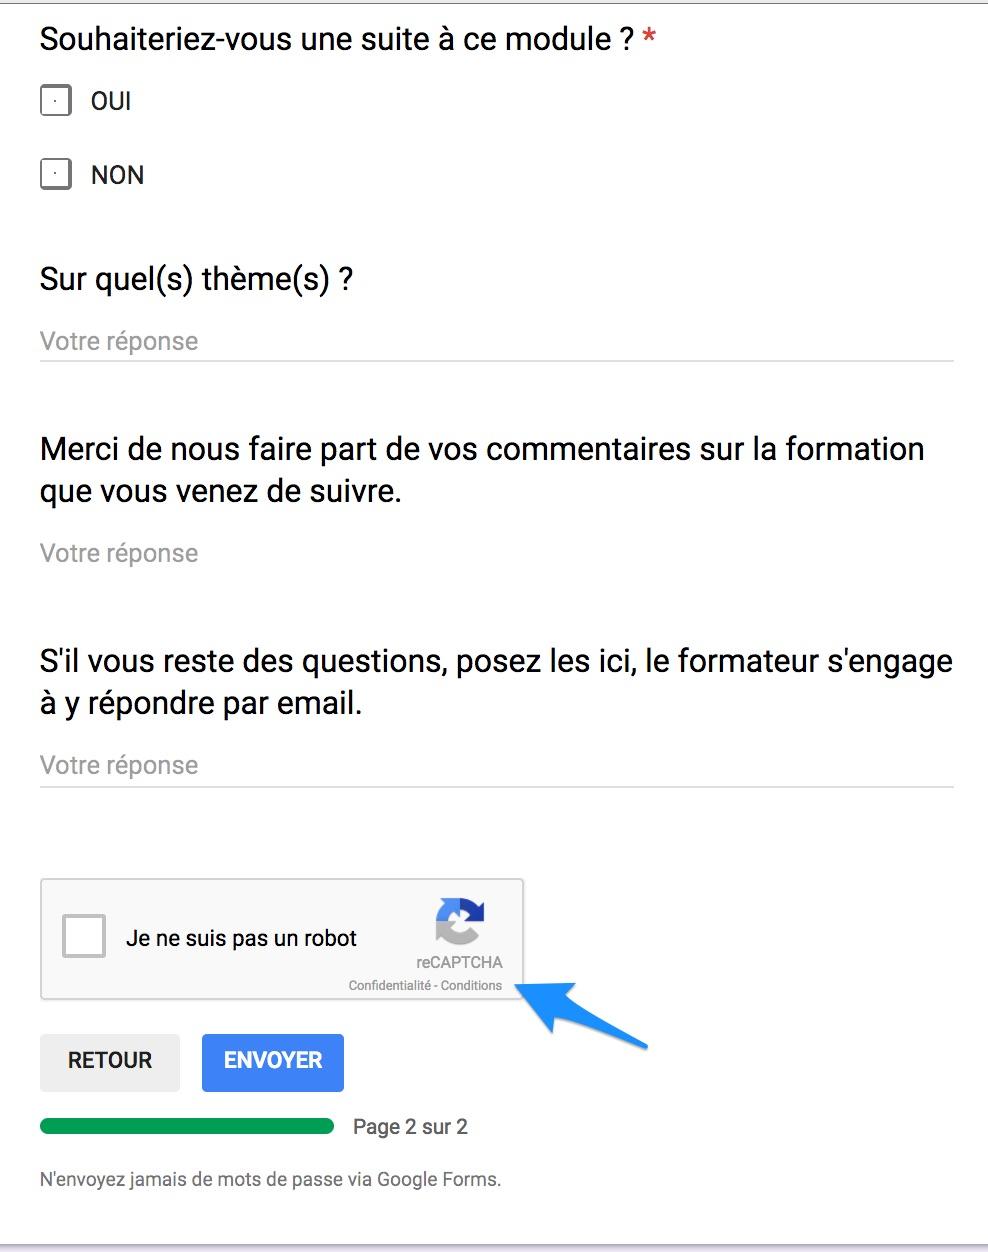 Google Form : un captcha avant la validation. | Le blog de Thierry ...